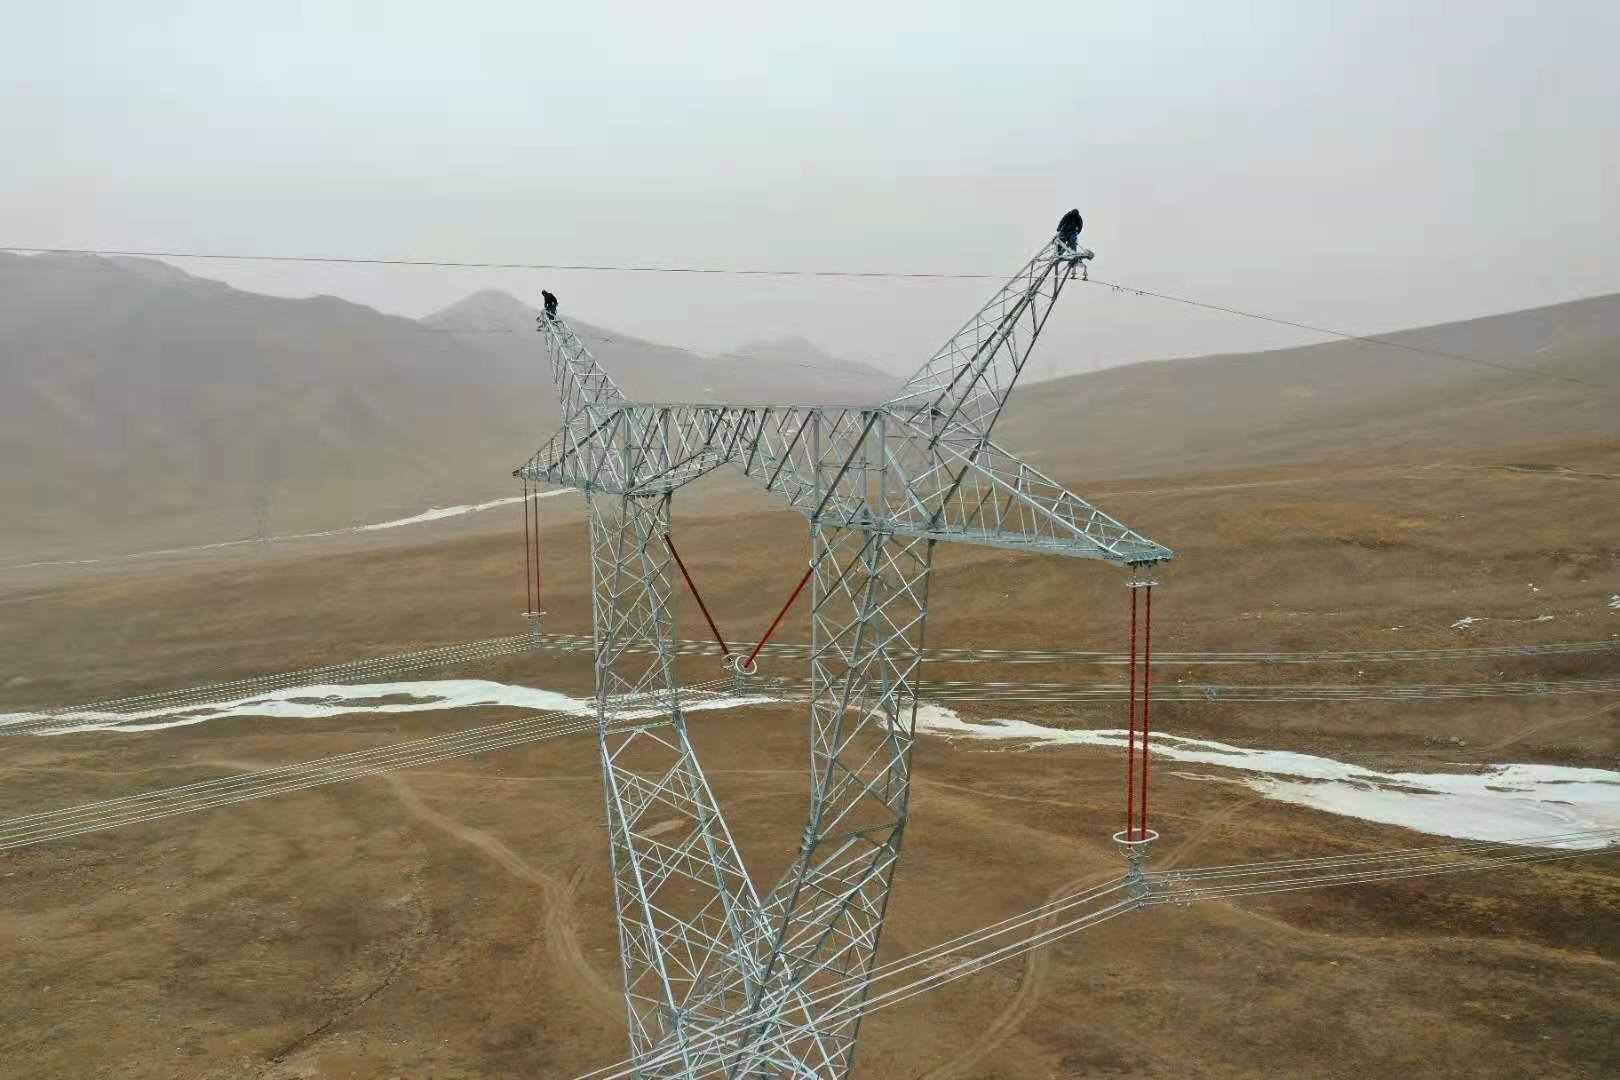 青海750千伏主电网首次建成三通道输电线路 优化补强青海主电网架构